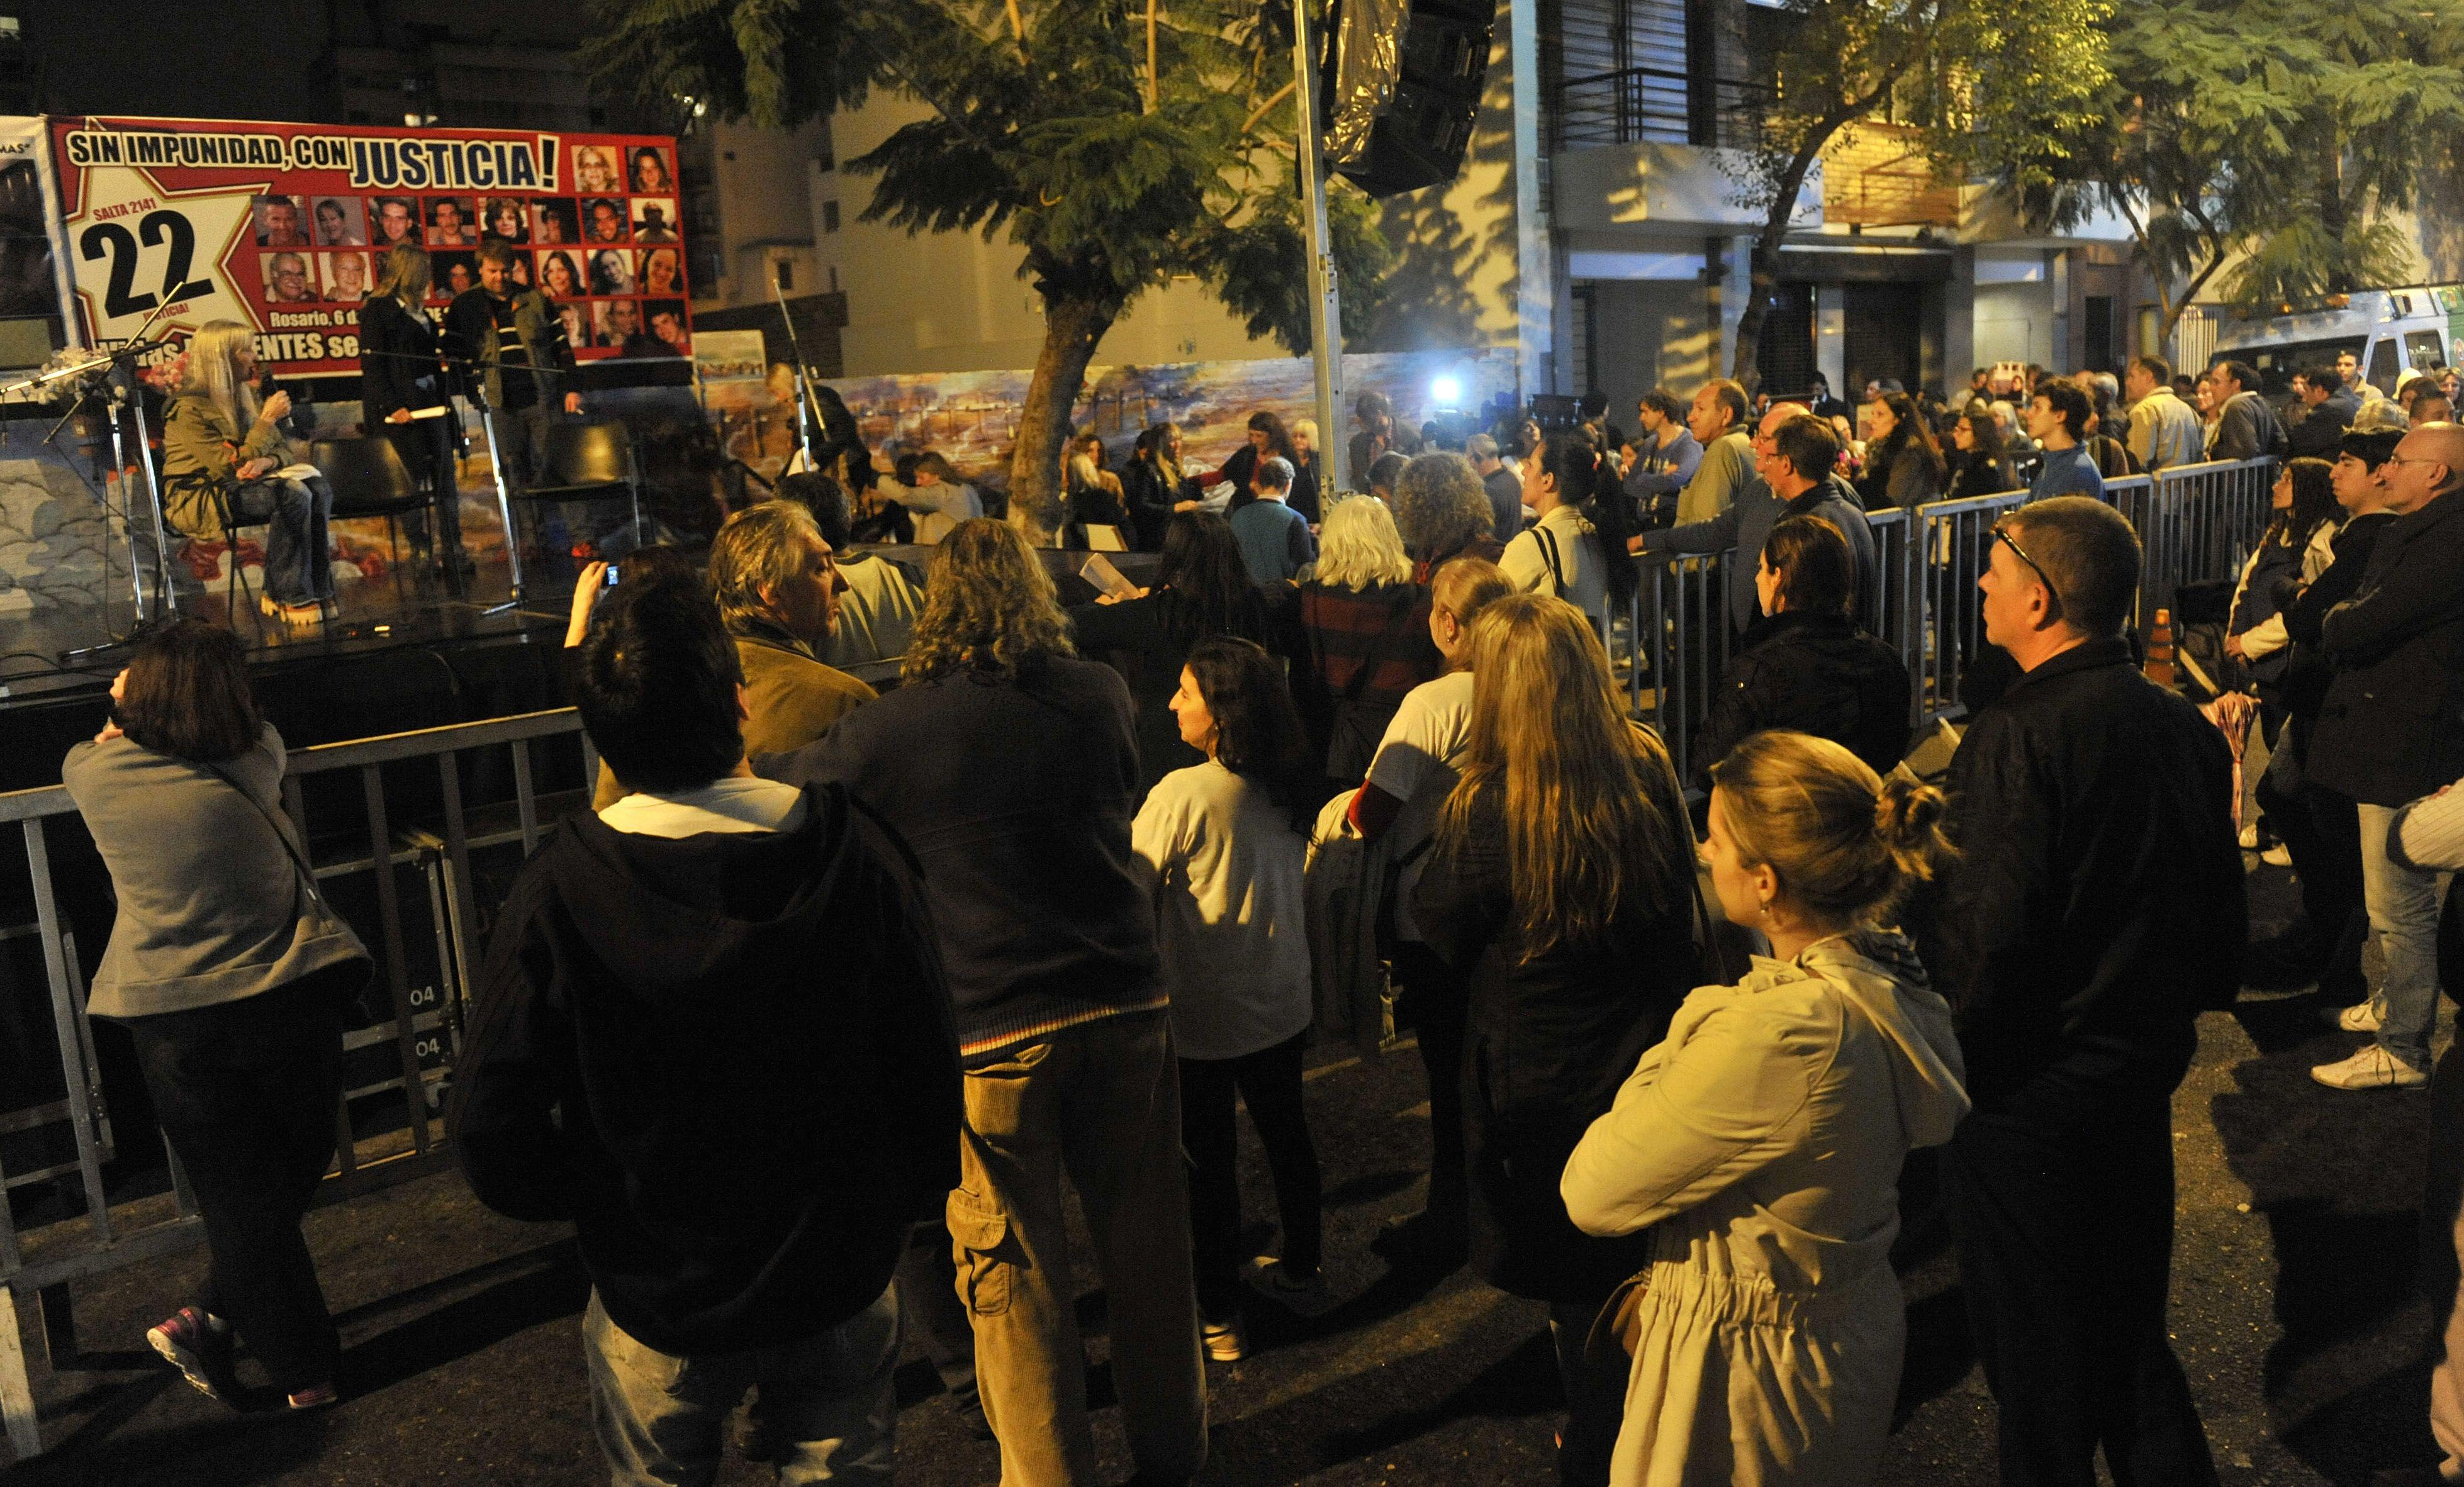 Familiares de la víctima que fallecieron en la explosión claman por justicia y memoria. (Fotos: Virginia Benedetto)